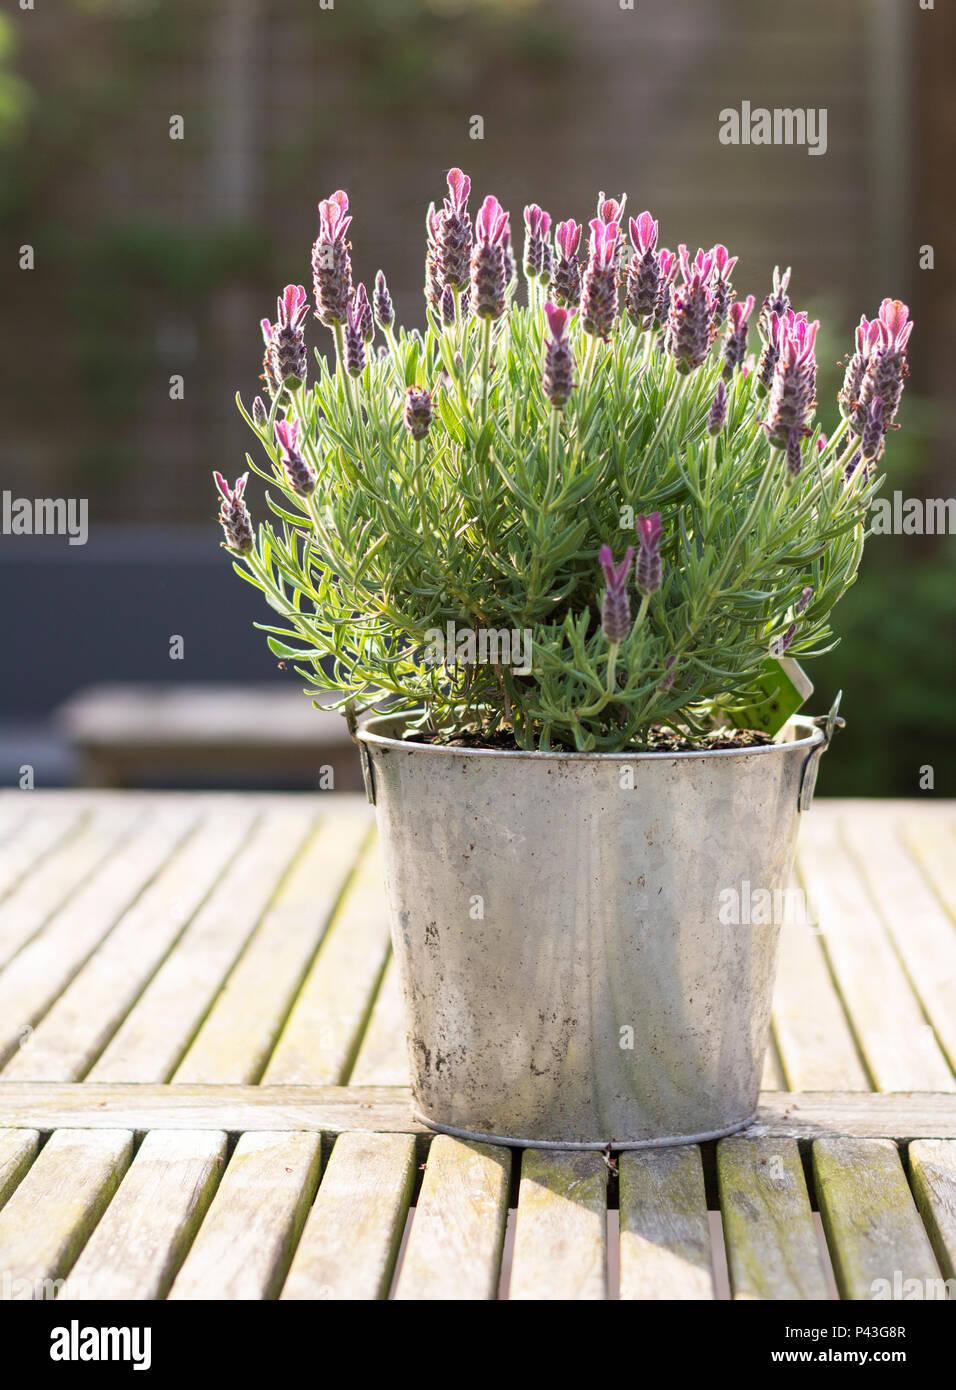 Lieblings Nahaufnahme von Lavendel Pflanze in Metall Topf auf einem &GV_69